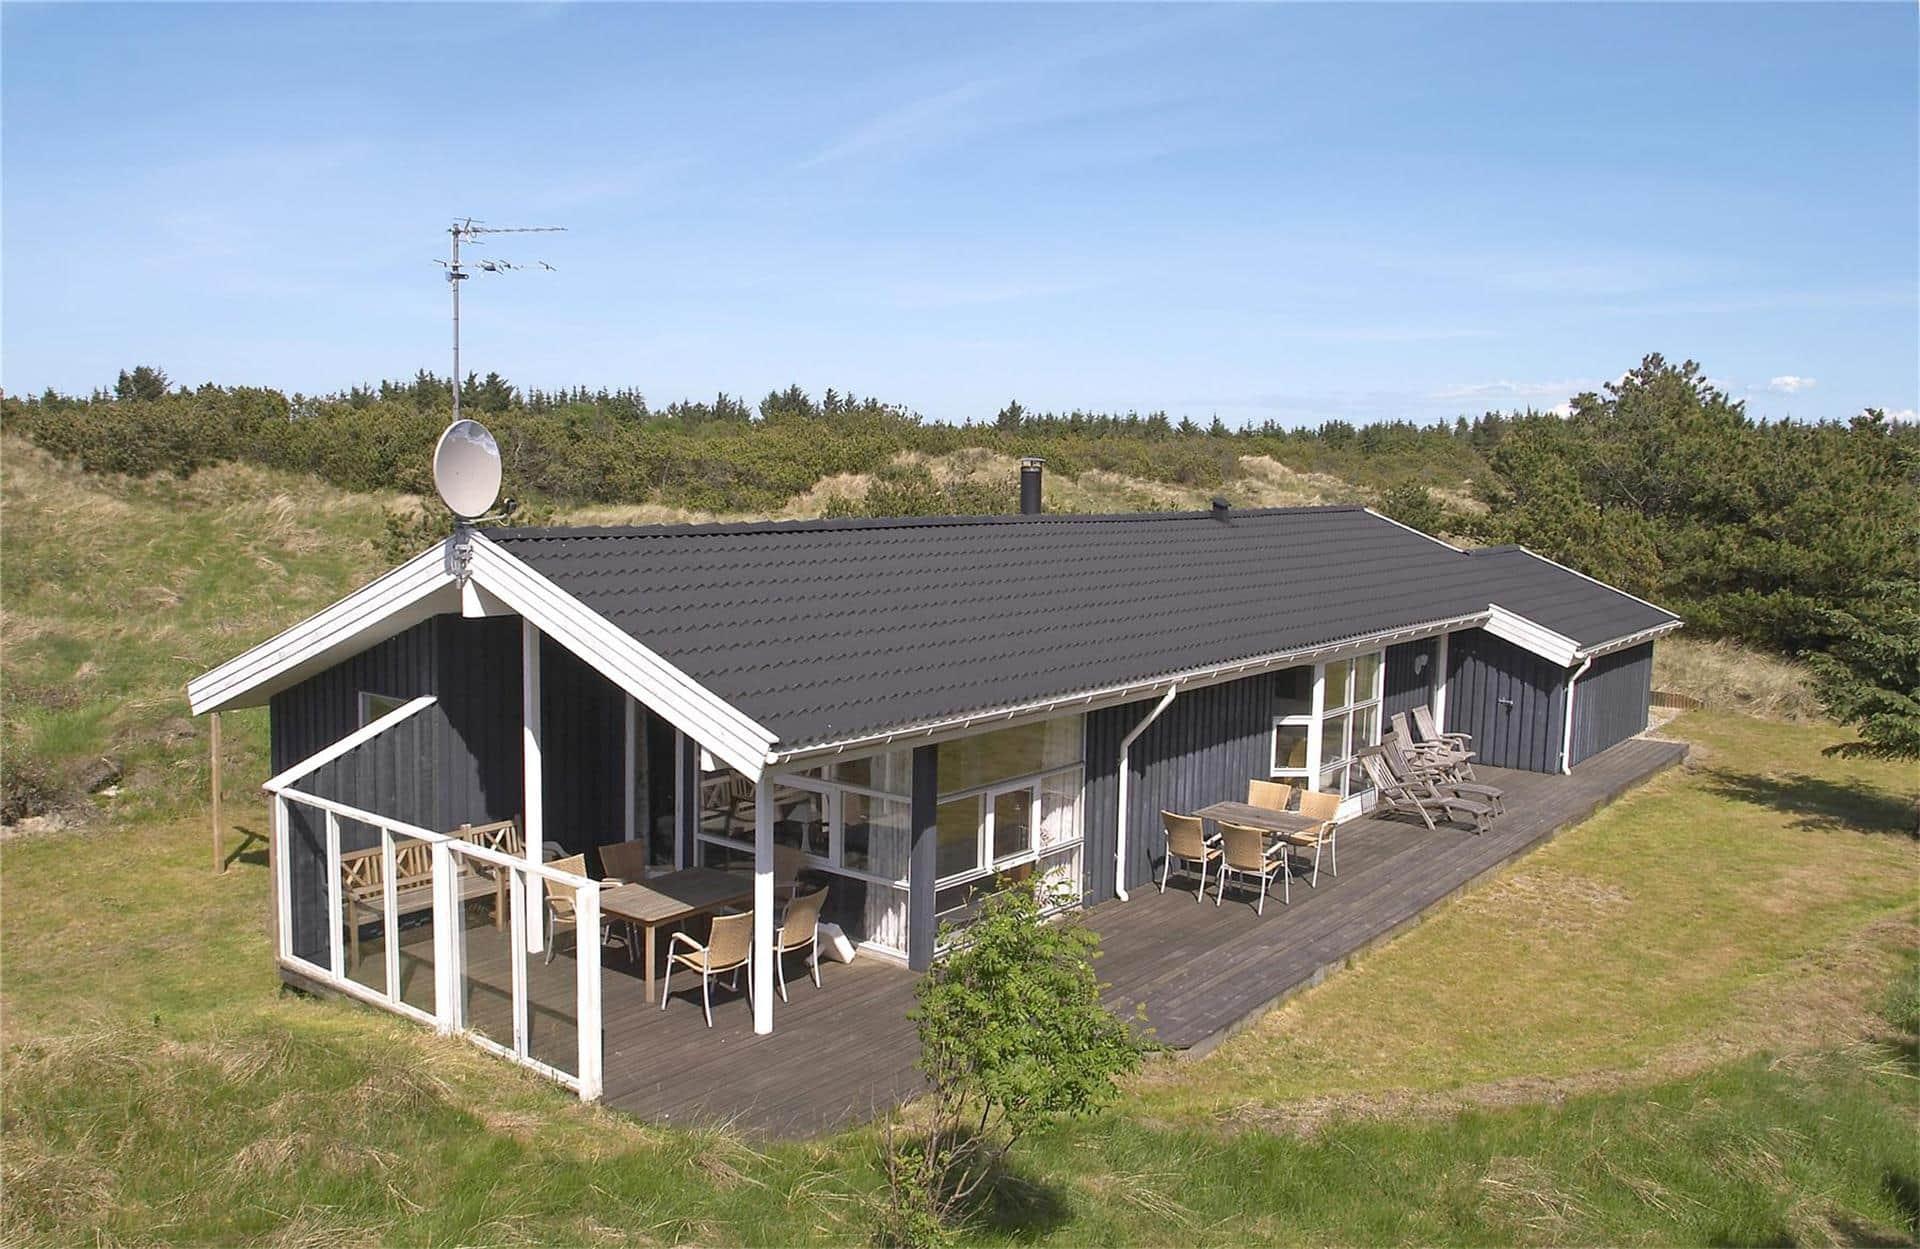 Billede 1-14 Sommerhus 209, Silkeborgvej 6, DK - 9493 Saltum